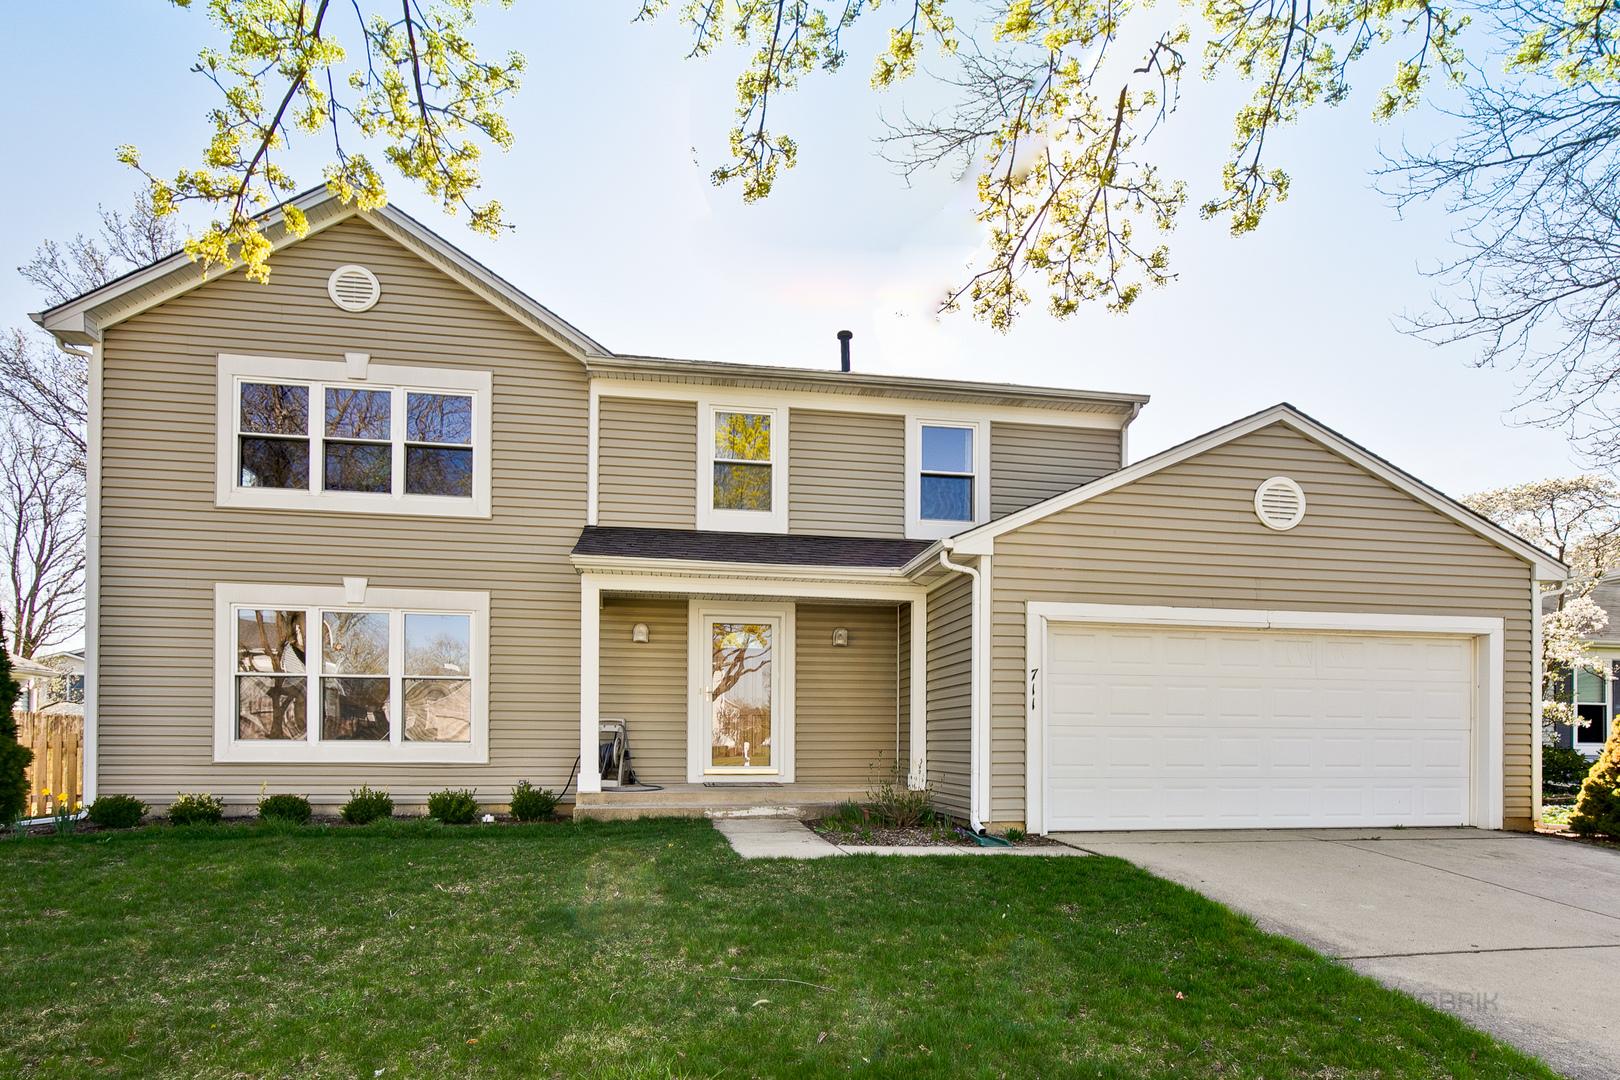 711 Aberdeen ,Buffalo Grove, Illinois 60089